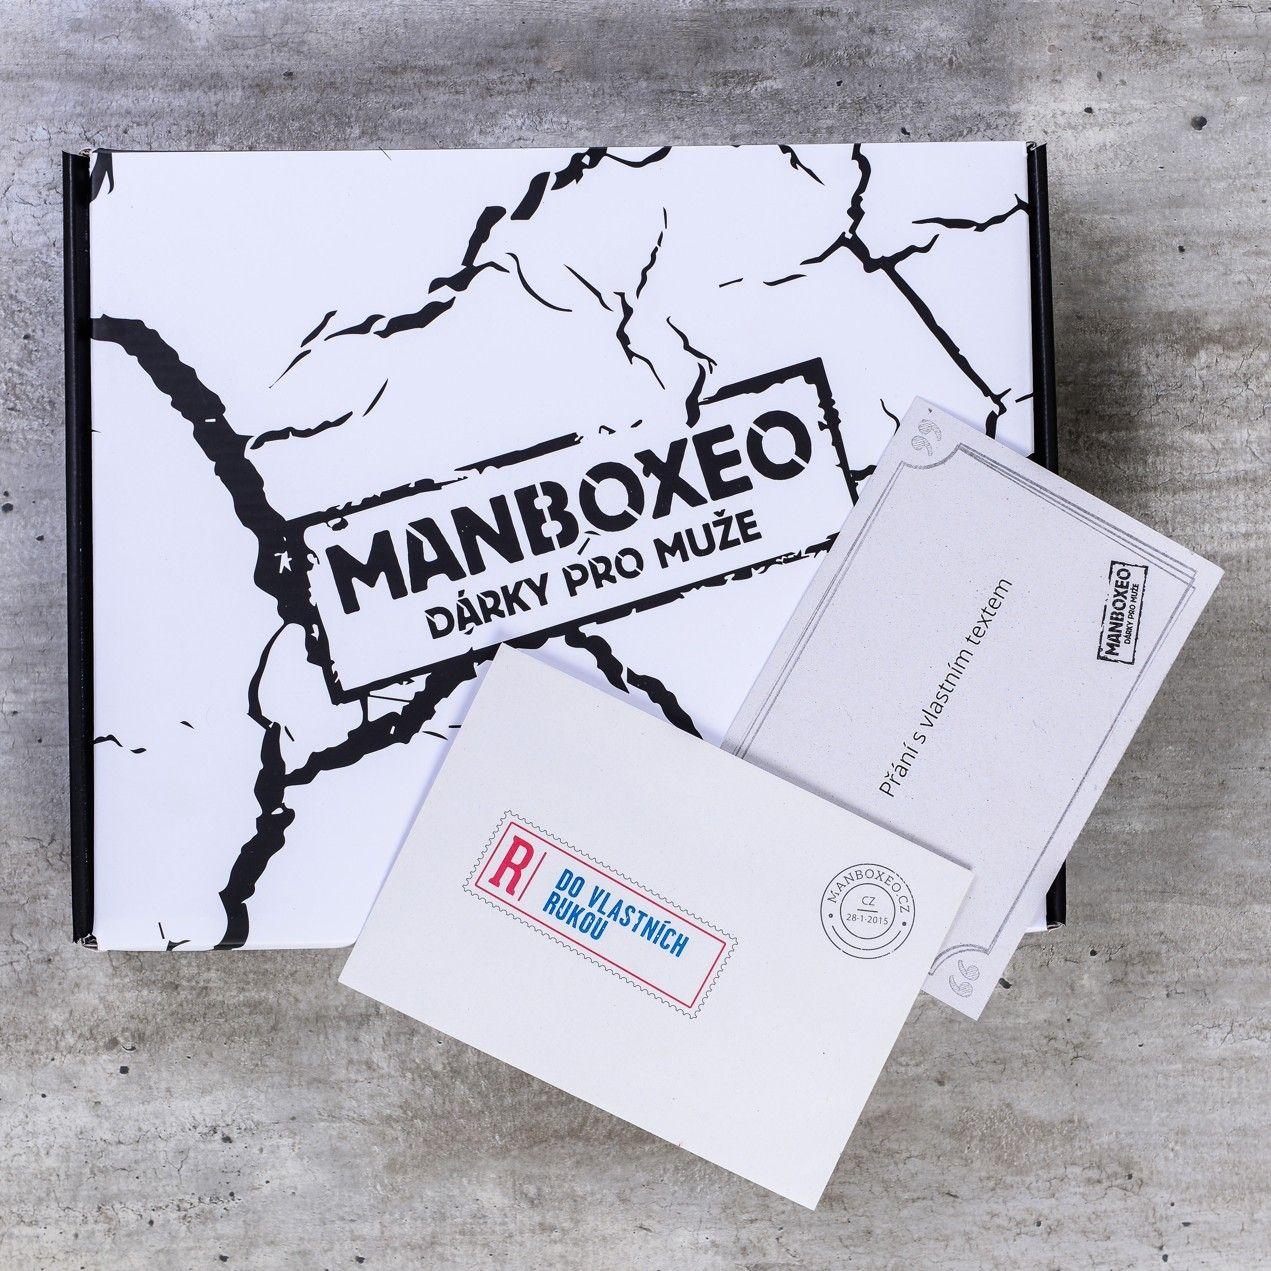 Vzkaz v obálce